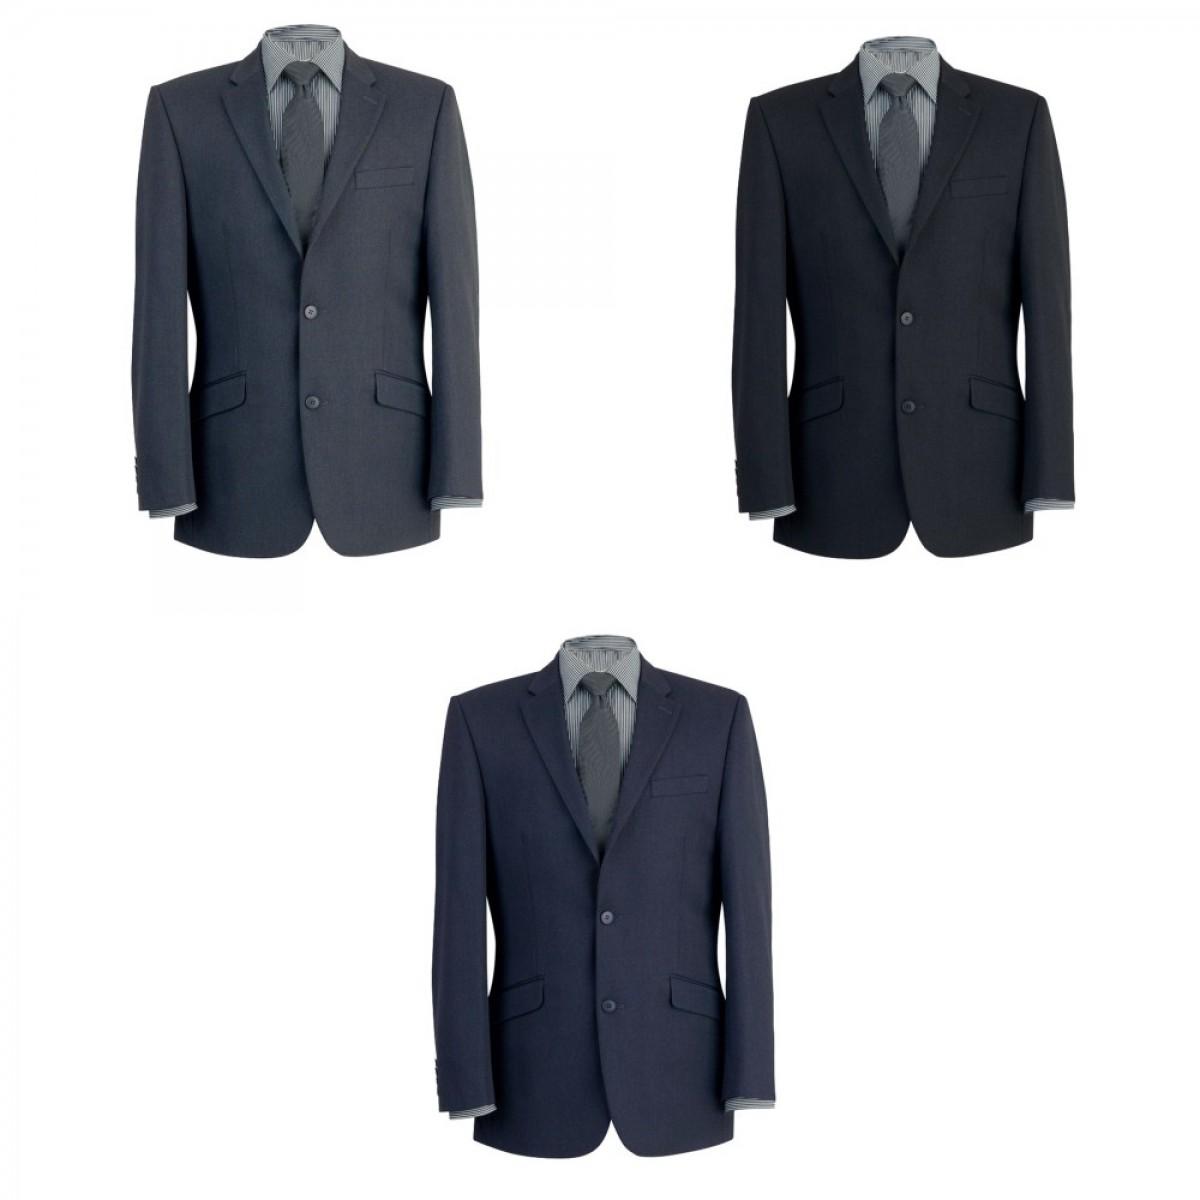 (ブルーク・タバナー) Brook Taverner メンズ ゼウス シングルブレスト スーツジャケット ビジネス フォーマル 男性用 【海外直送】